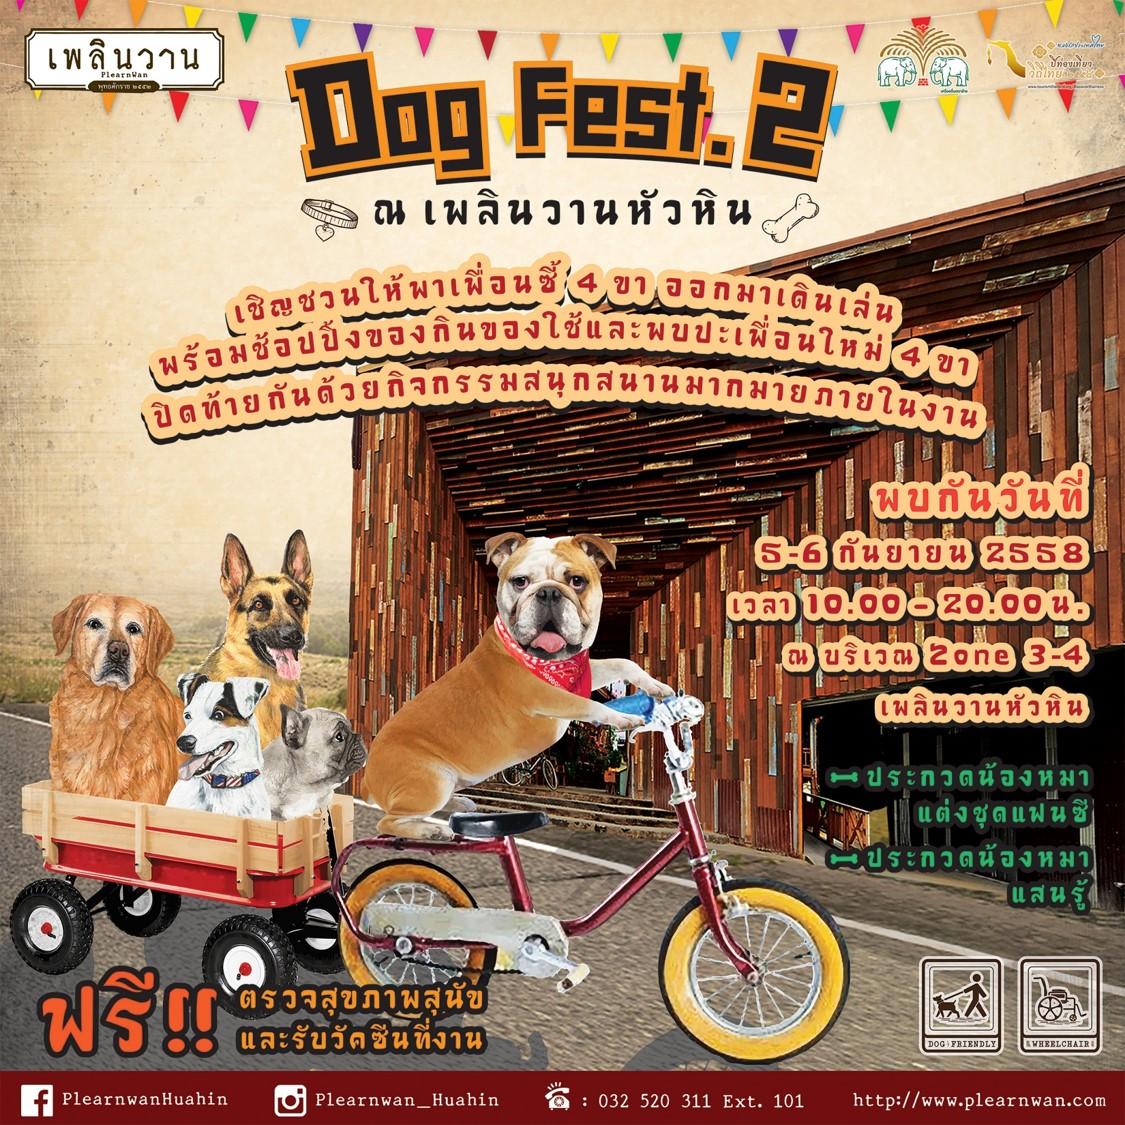 Dogilike.com :: กลับมาอีกครั้ง !! กับงาน Dog Festival ณ เพลินวาน ครั้งที่ 2